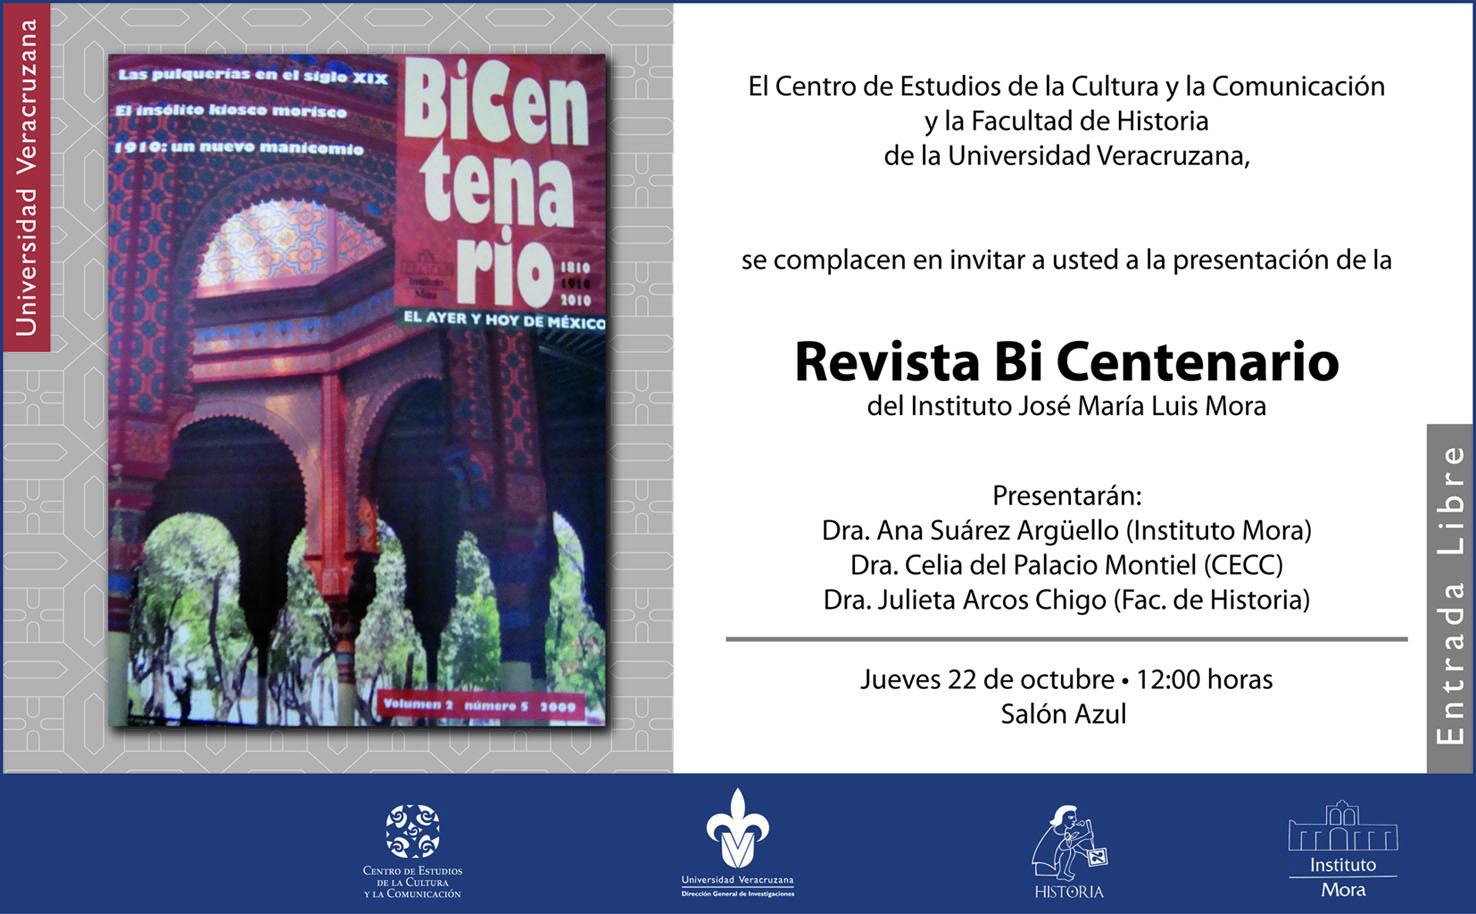 Revista Bi Centenario